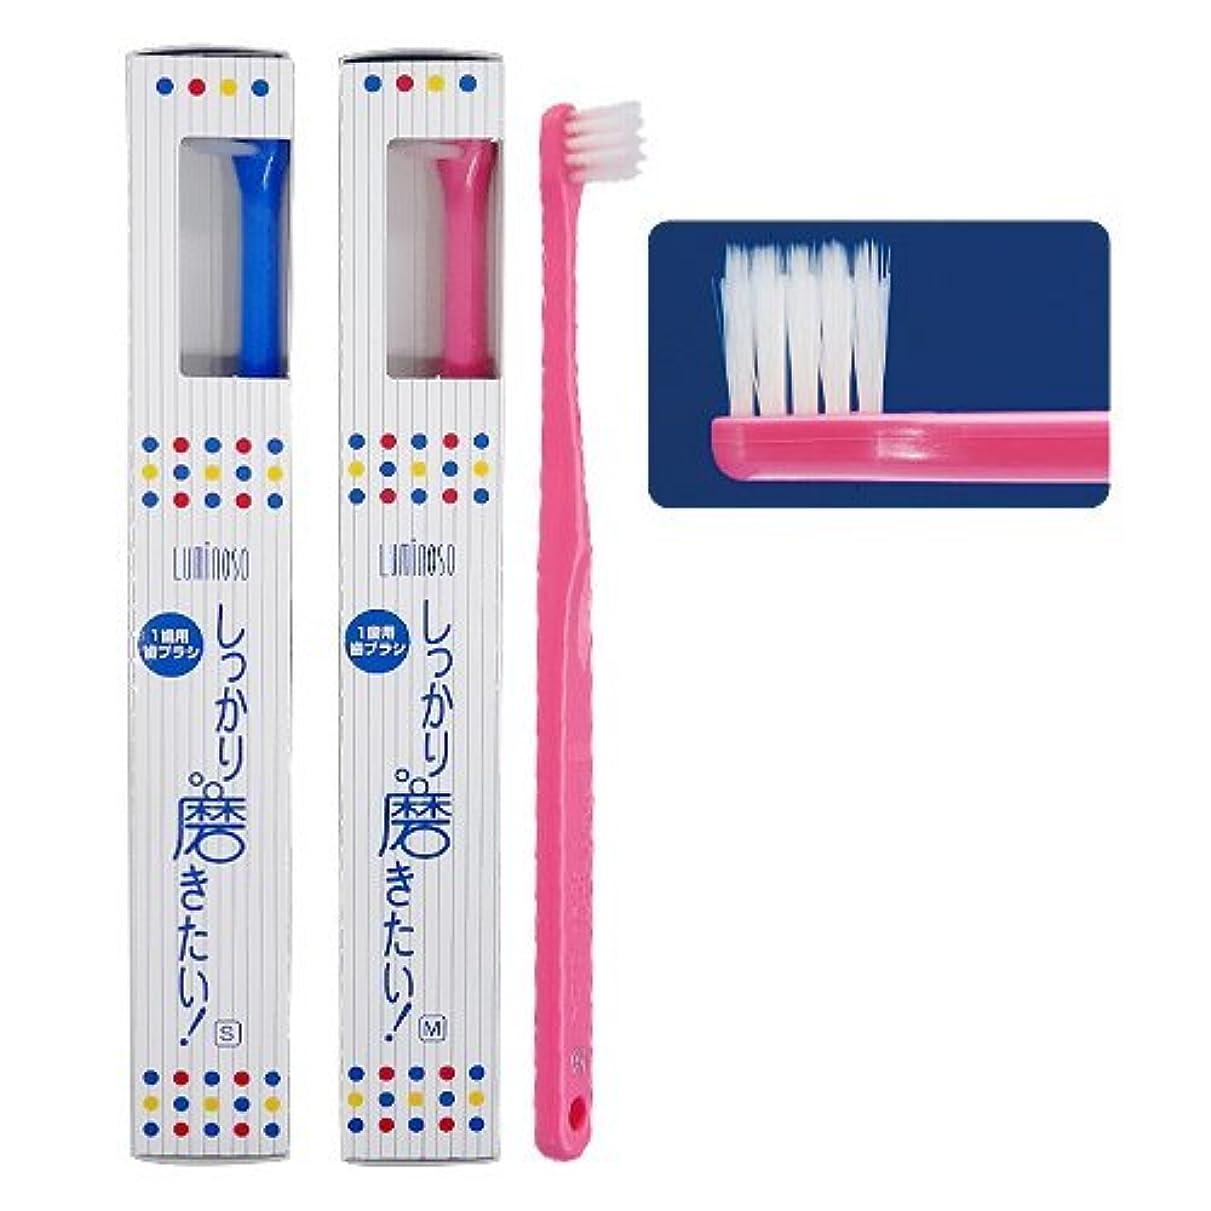 砲撃休憩創造ルミノソ 1歯用歯ブラシ「しっかり磨きたい!」スタンダード ミディアム (カラー指定不可) 3本